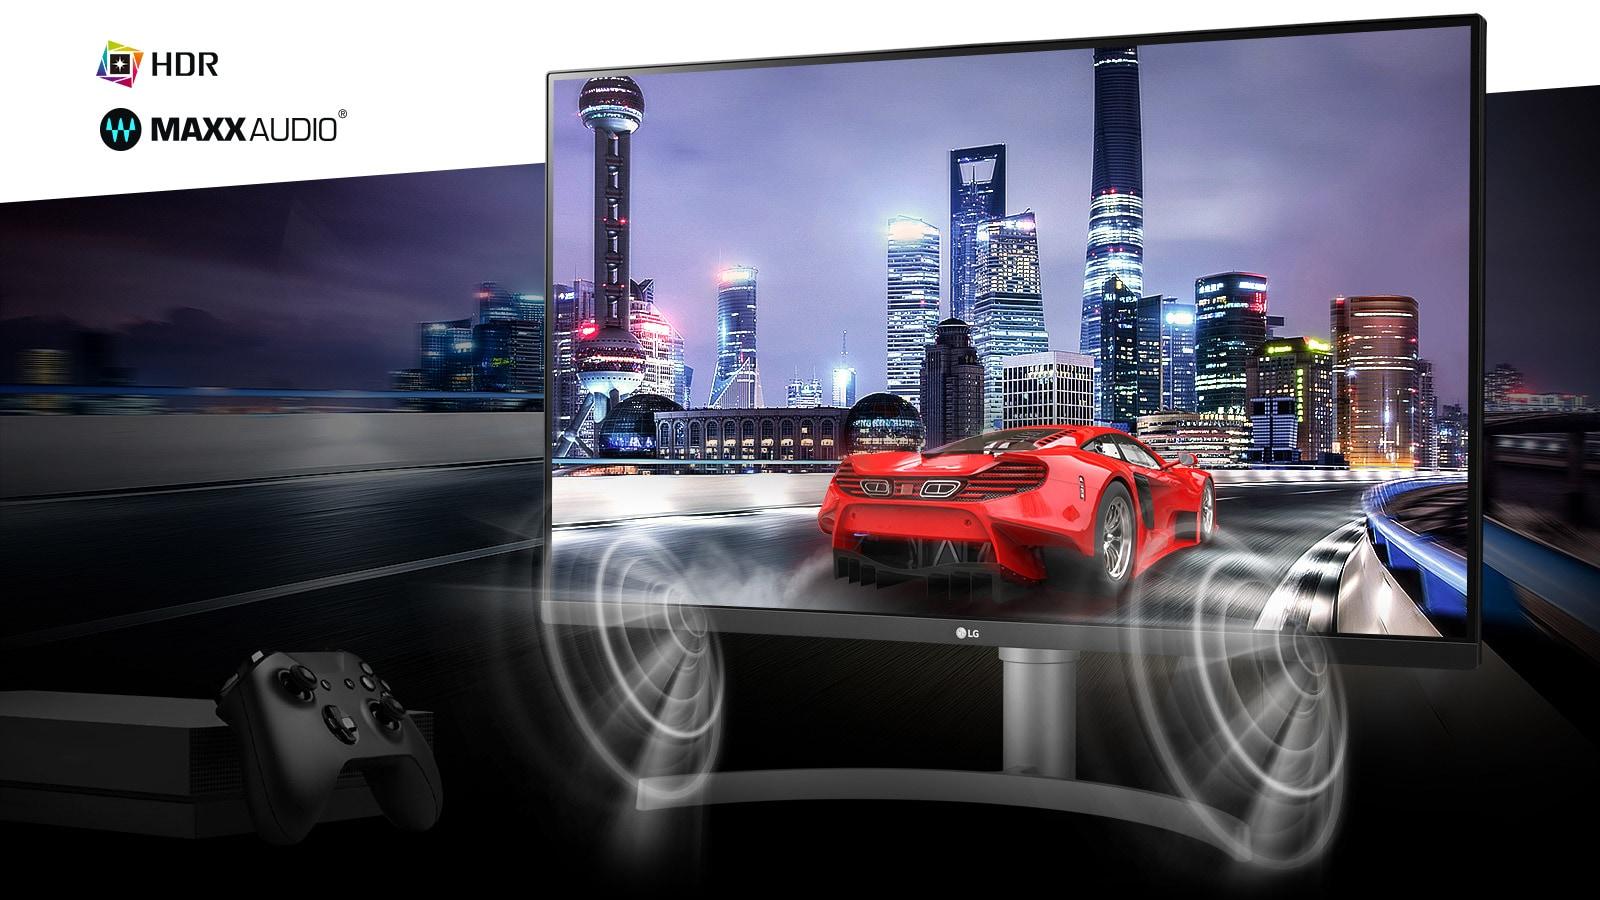 Сцена игрового автомобиля из иммерсивной консольной игры в реальном 4K HDR с MAXXAUDIO®